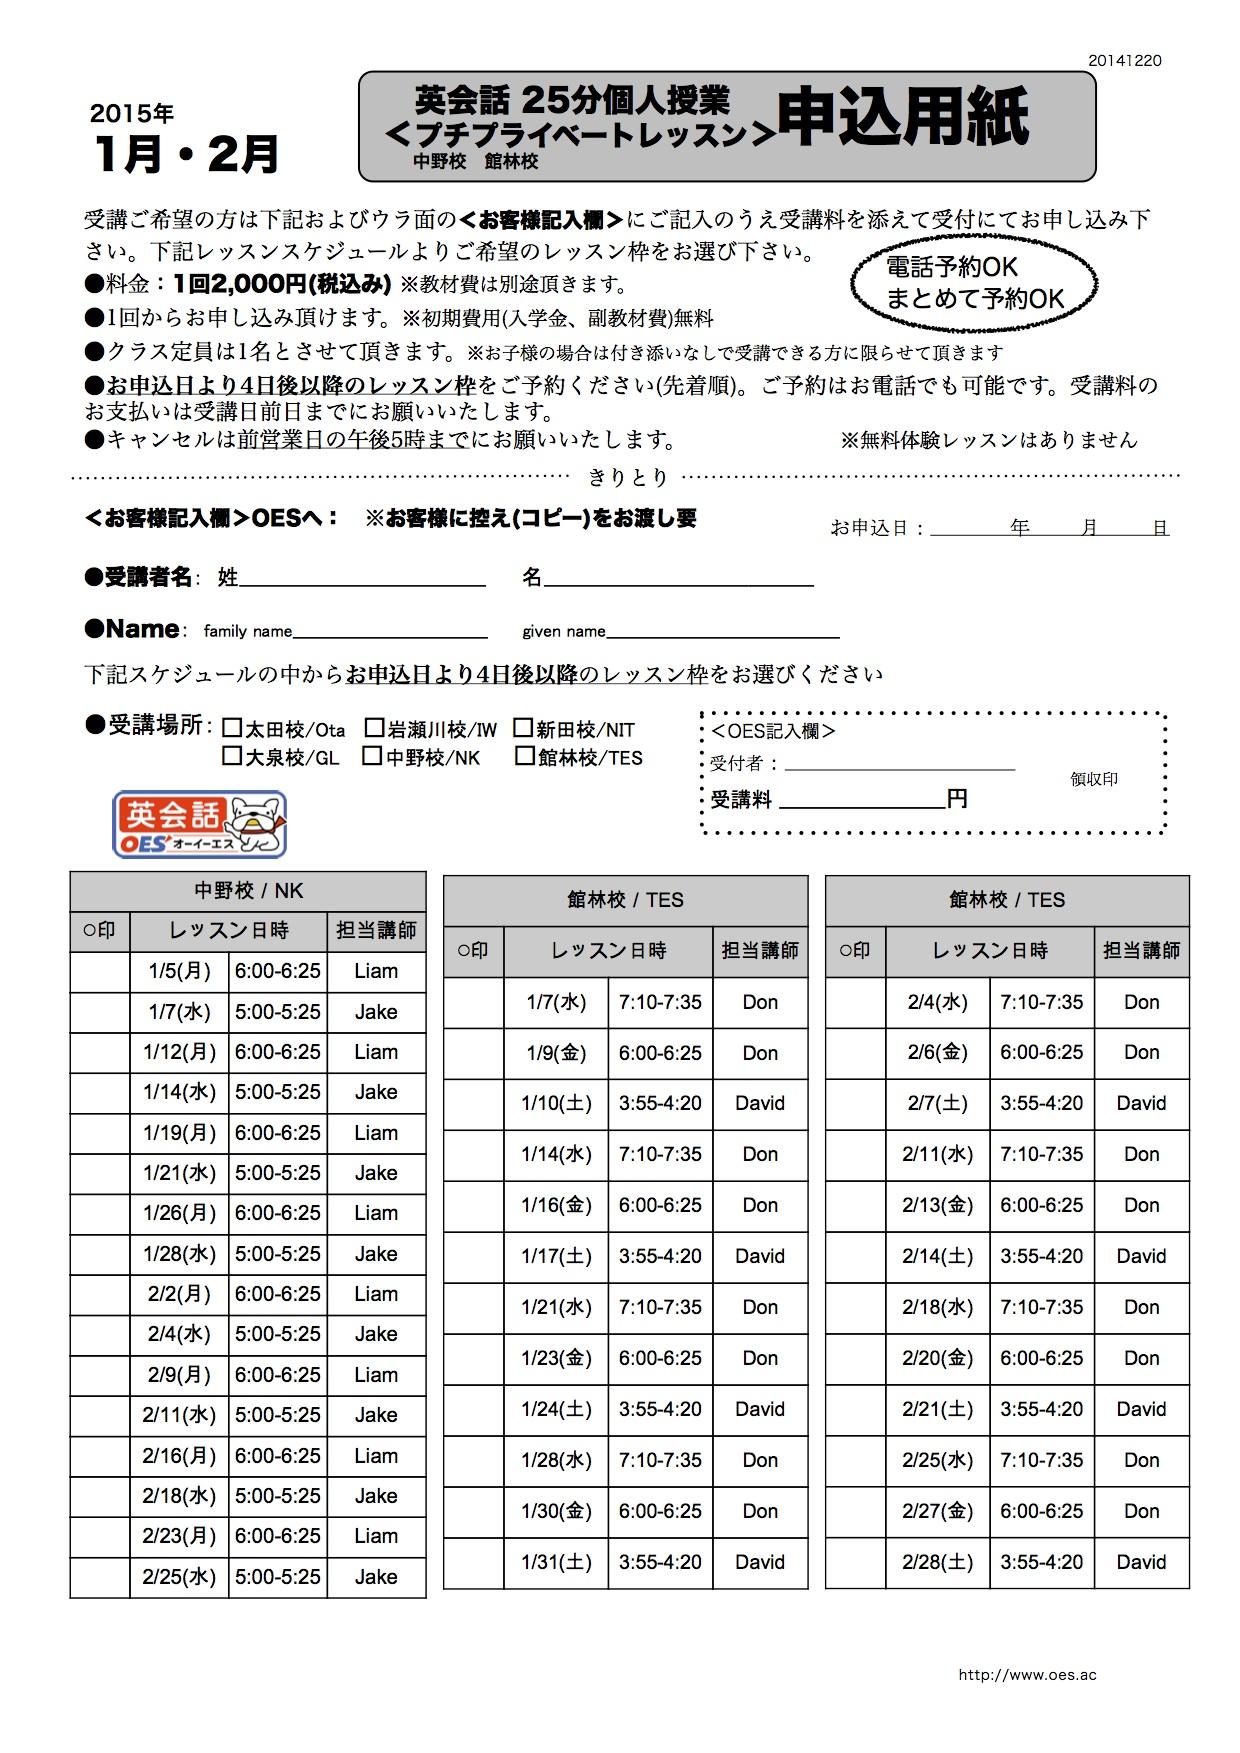 1月2月中野校/館林校 プチプライベートレッスン申込用紙